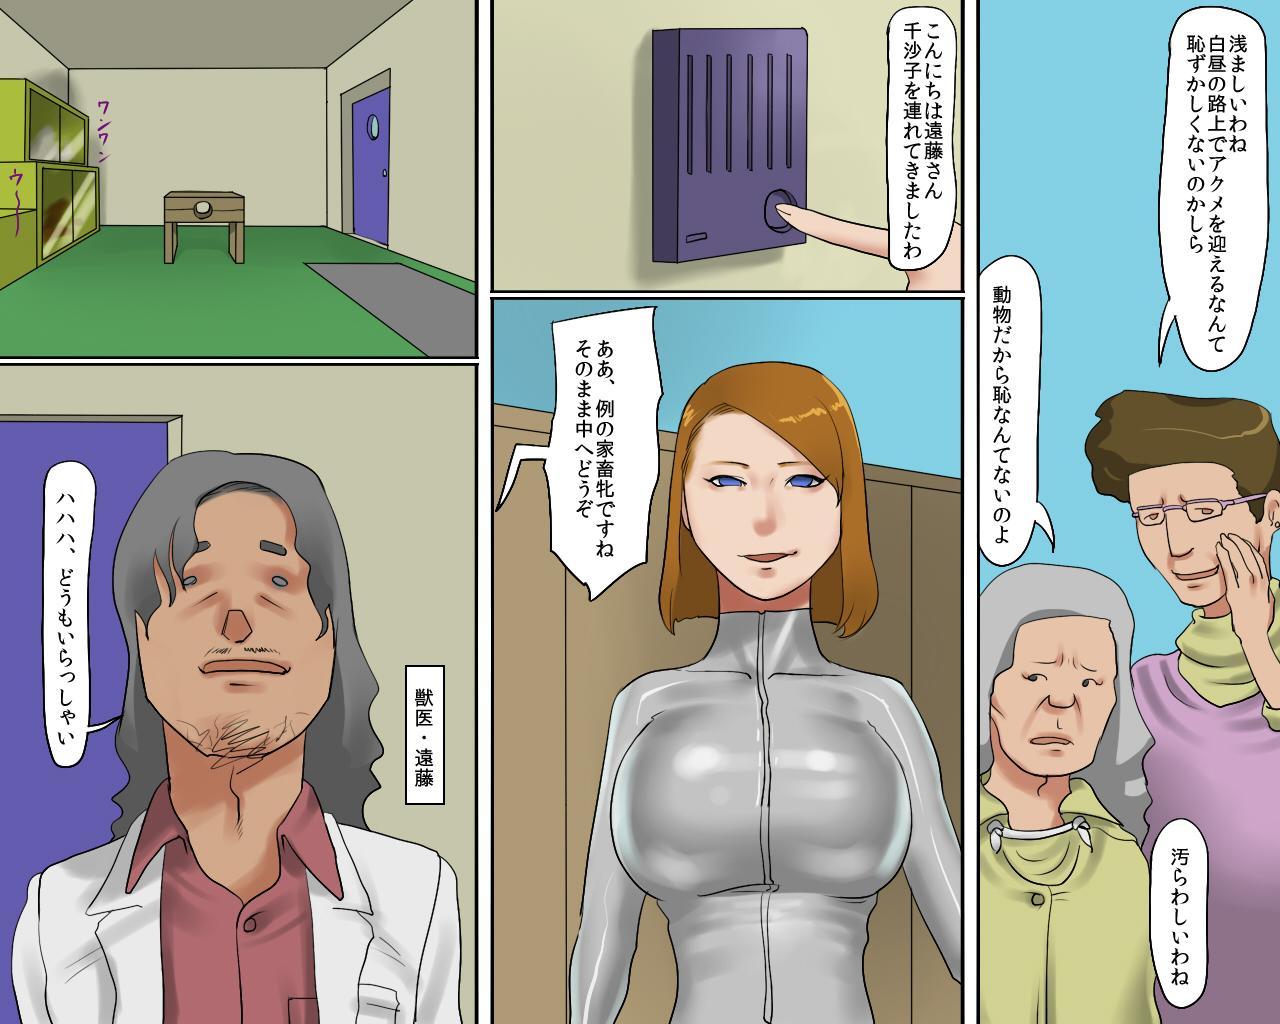 [Naya] Joshuu Fujin (Ge) Jikken Byoutou no Kachiku Mesu Fujin 18